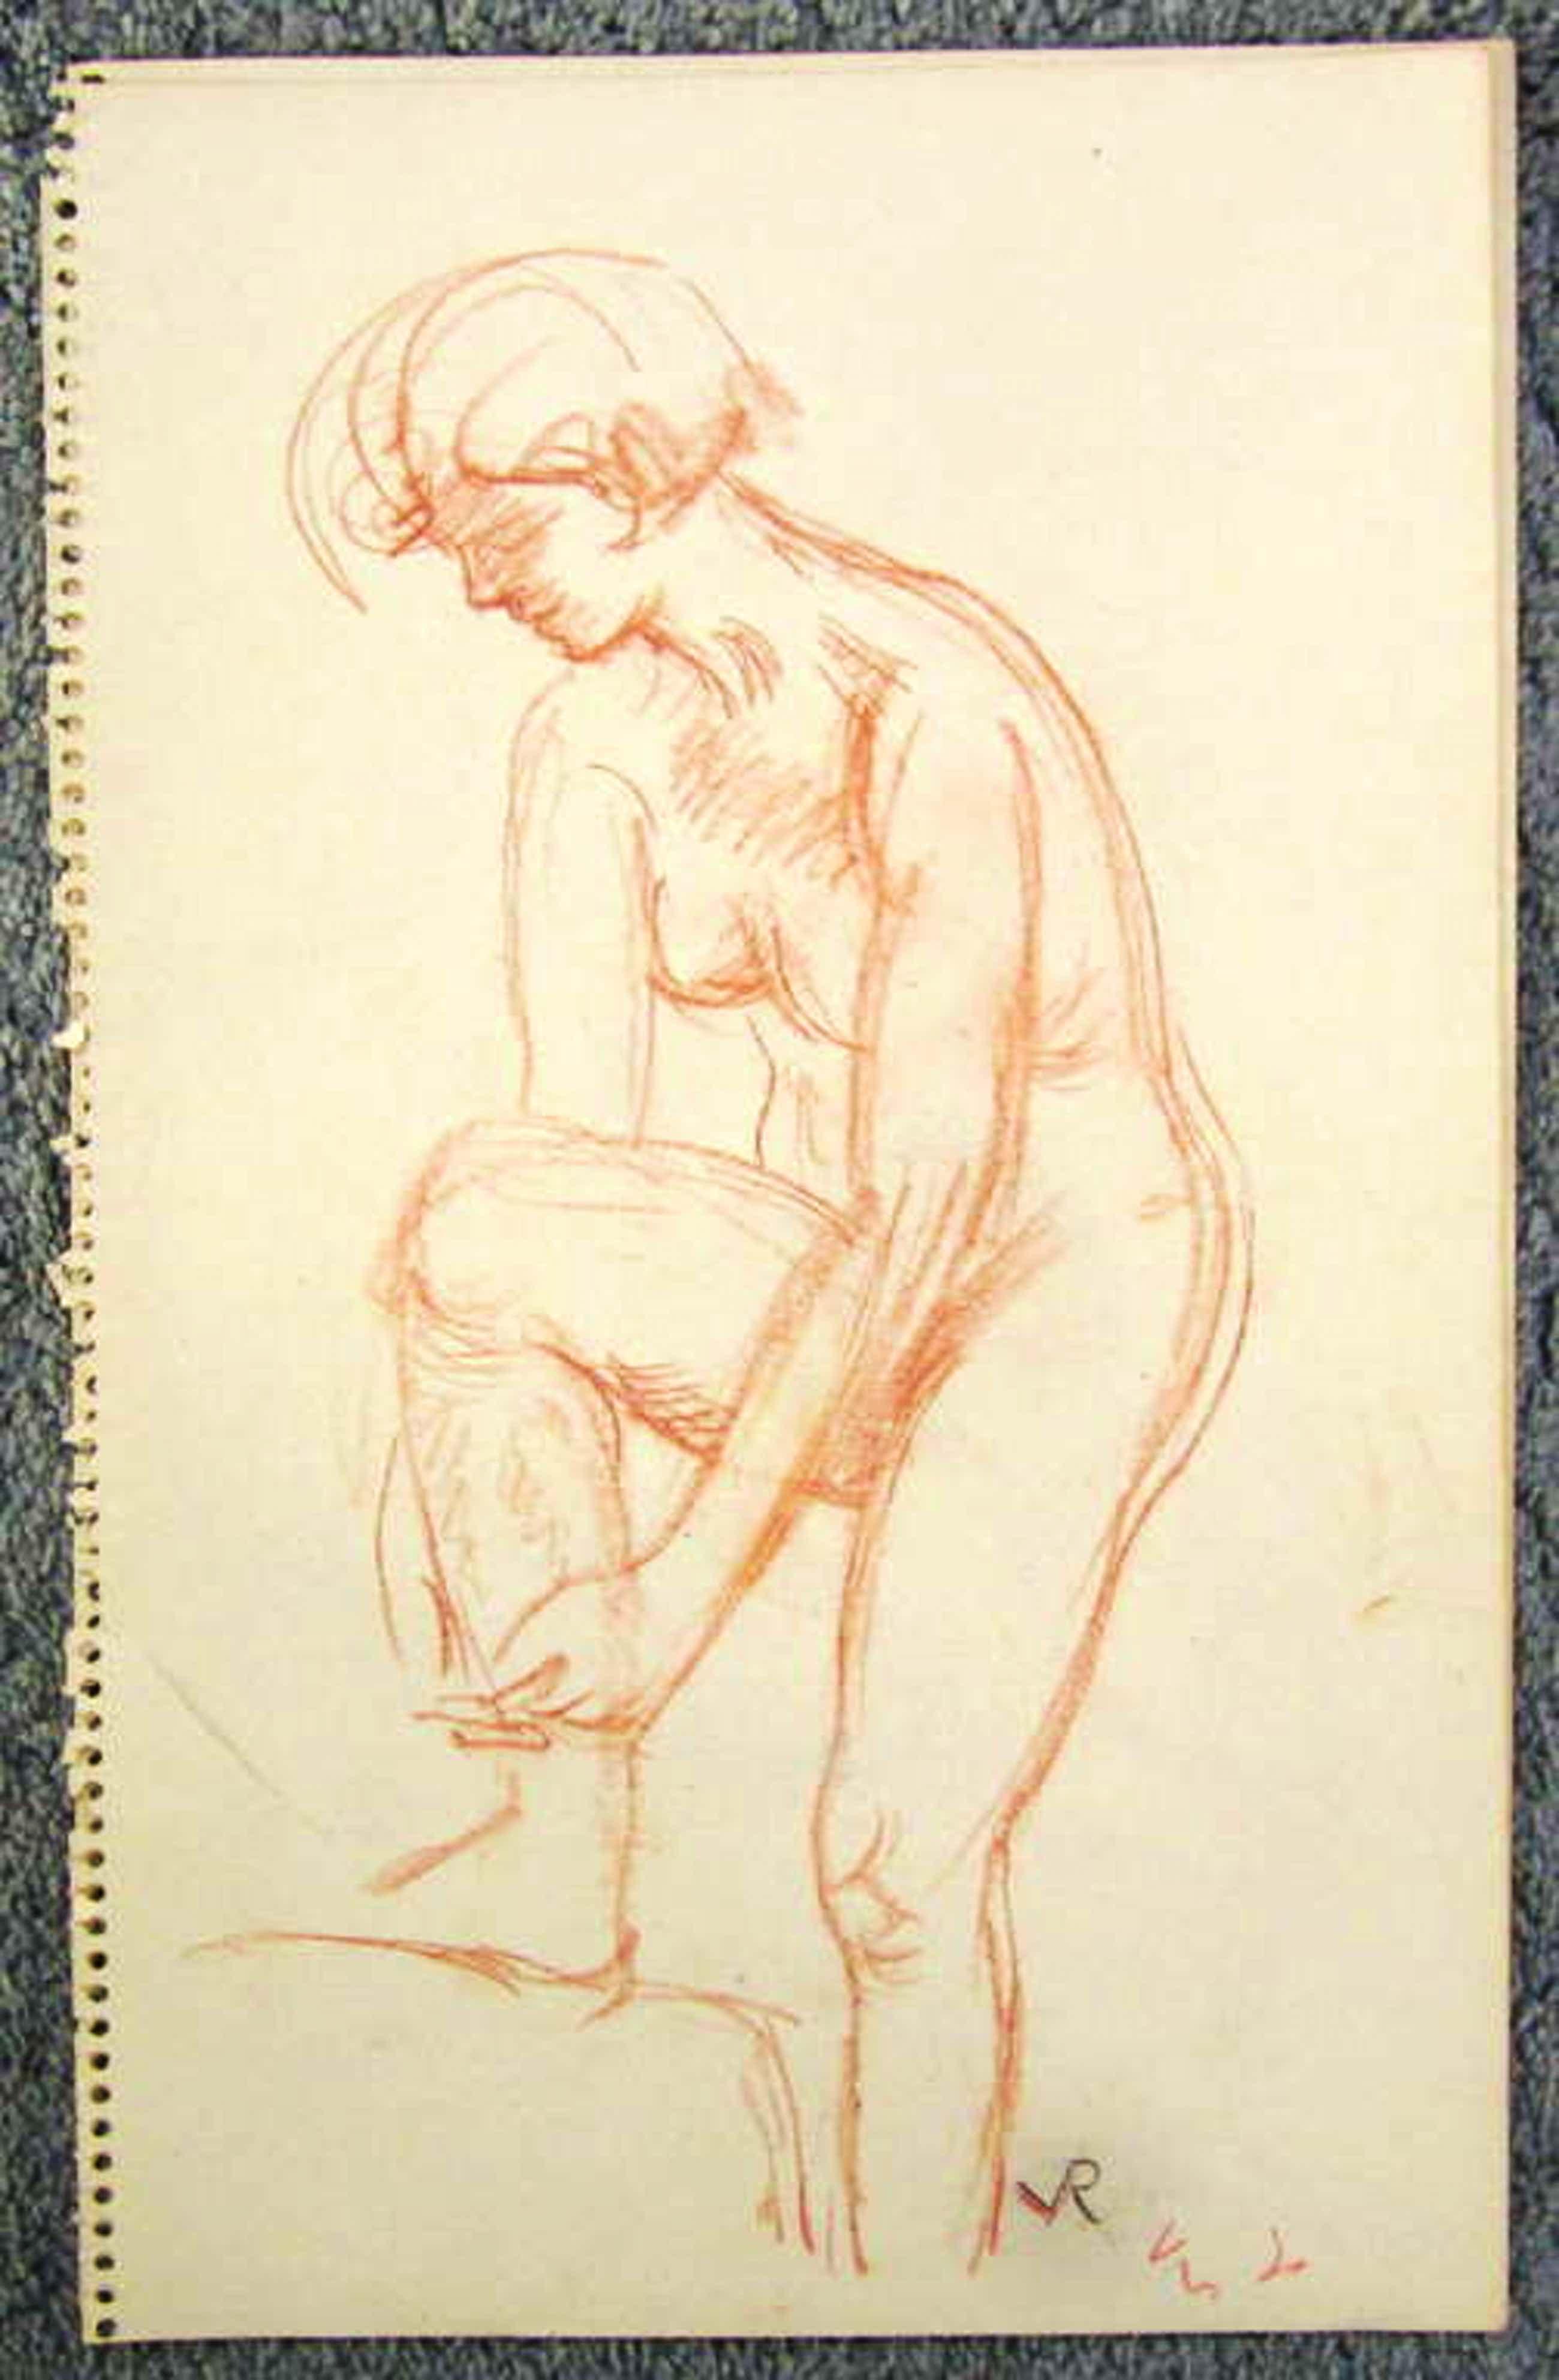 Otto van Rees 1884-1956, krijt-tekening uit schetsboek,  bladformaat 33.2 x 20.8 kopen? Bied vanaf 75!